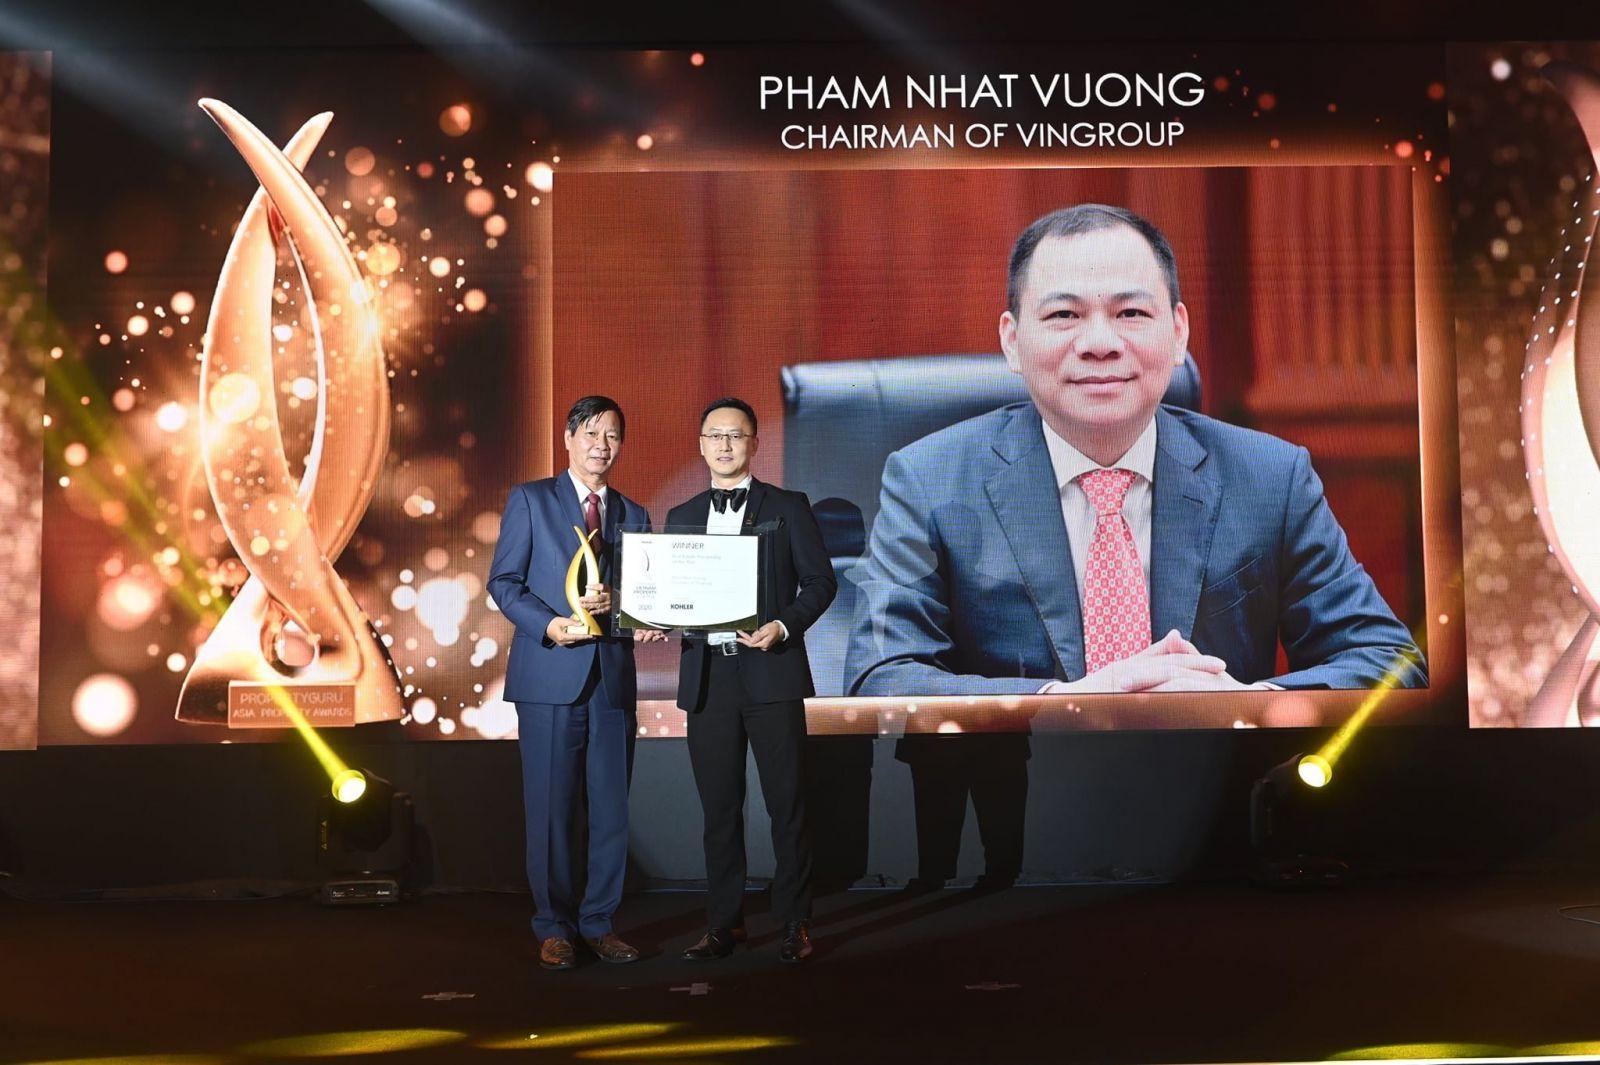 Doanh nhân Phạm Nhật Vượng - Nhân vật có đóng góp tiêu biểu chosự phát triển của BĐS tại Việt Nam